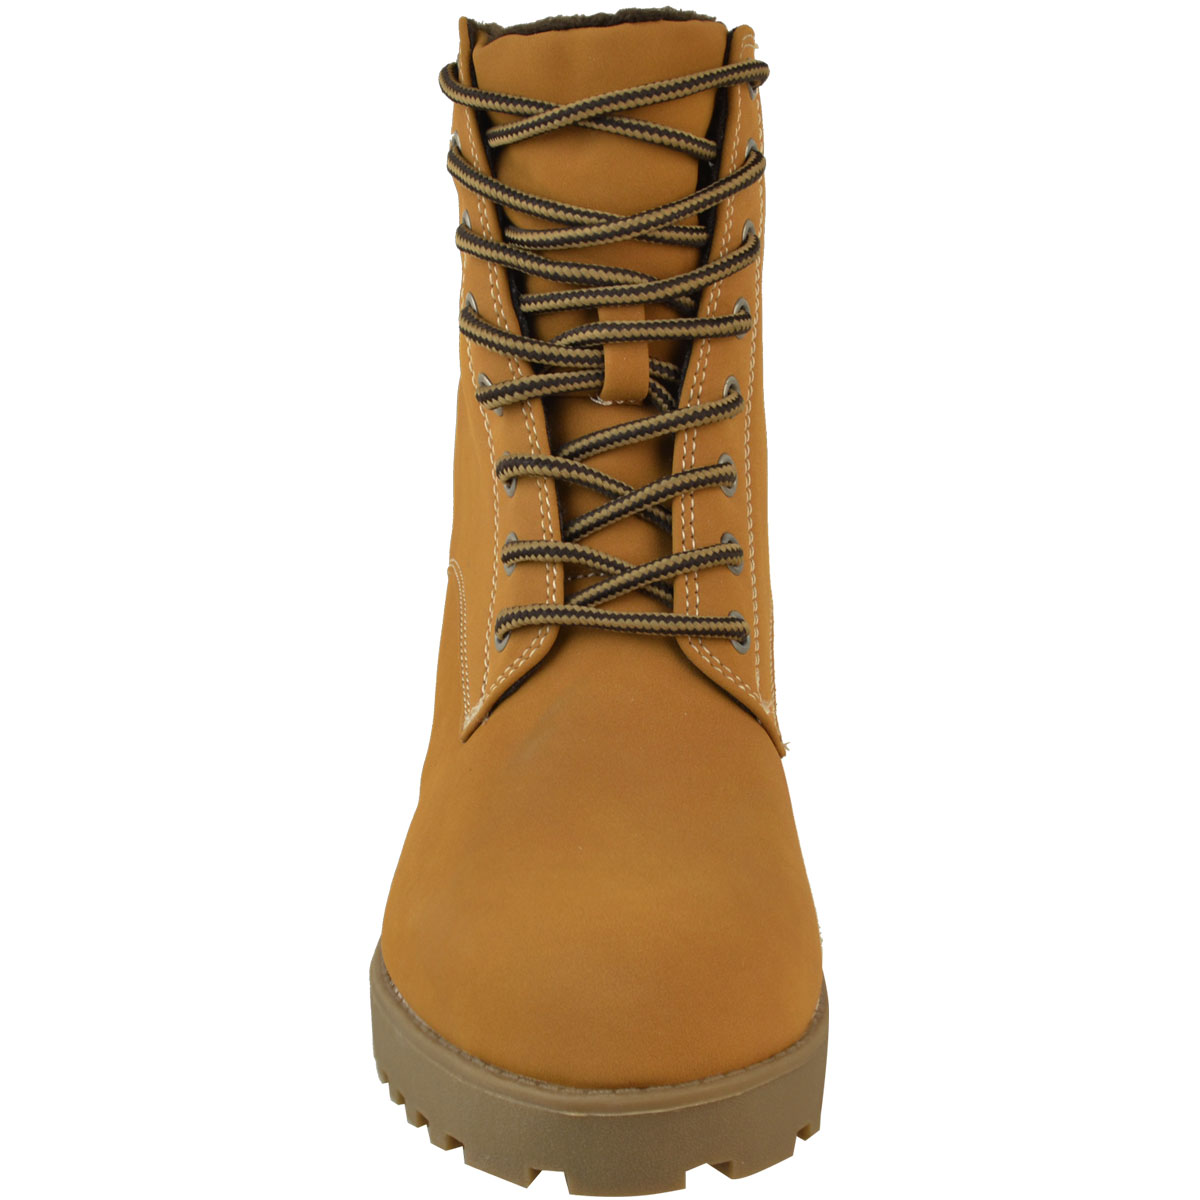 Womens-Ladies-Winter-Walking-Boots-Fleece-Warm-Lining-Cosy-Low-Block-Heel-Size Indexbild 21